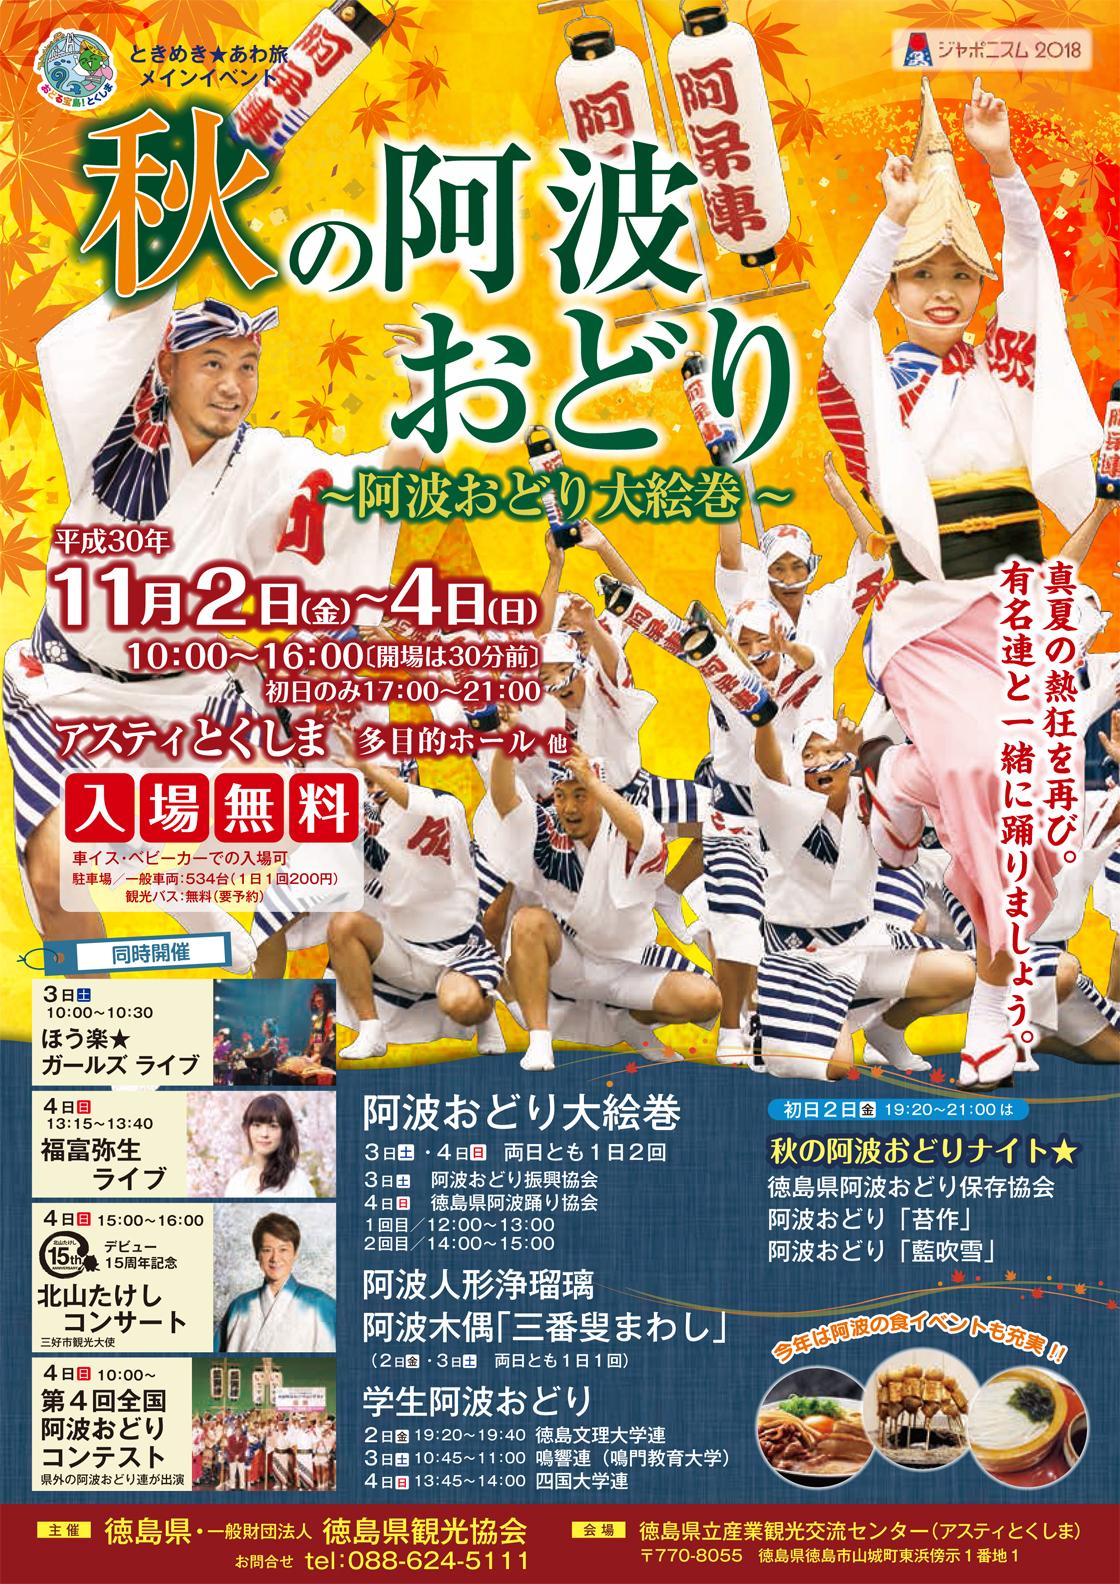 akinoawaodori2018_1